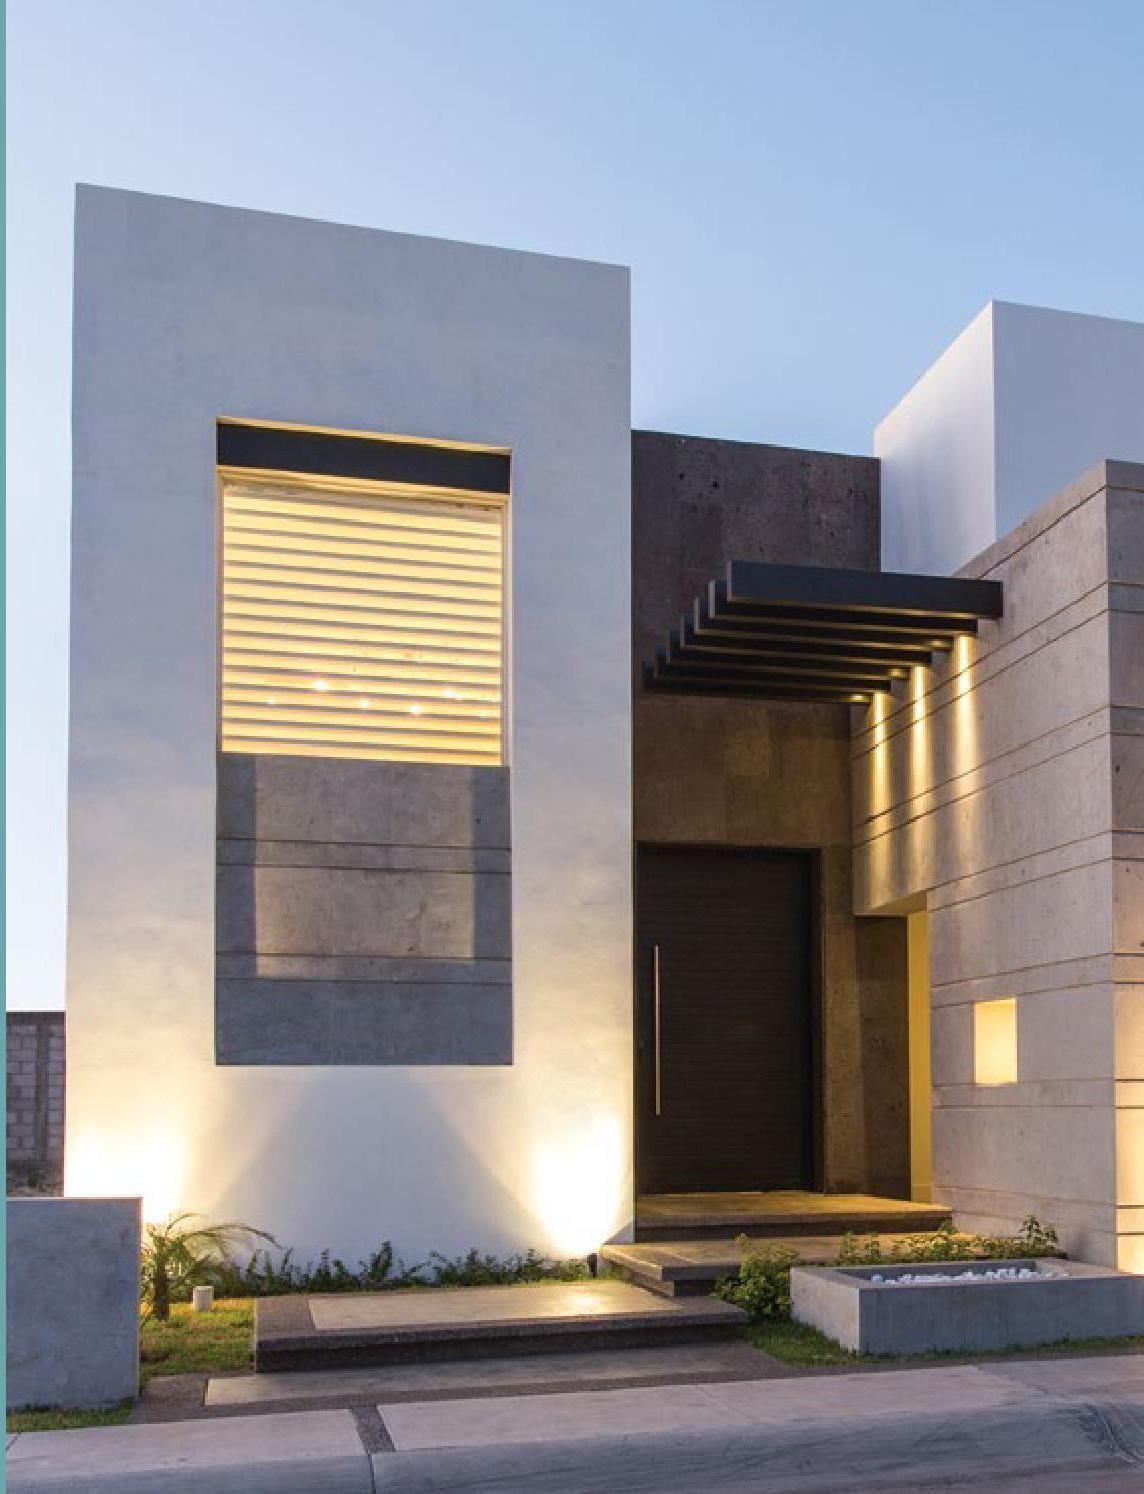 Edici n 17 revista muros arquitectura dise o for Casa moderna 7 mirote y blancana